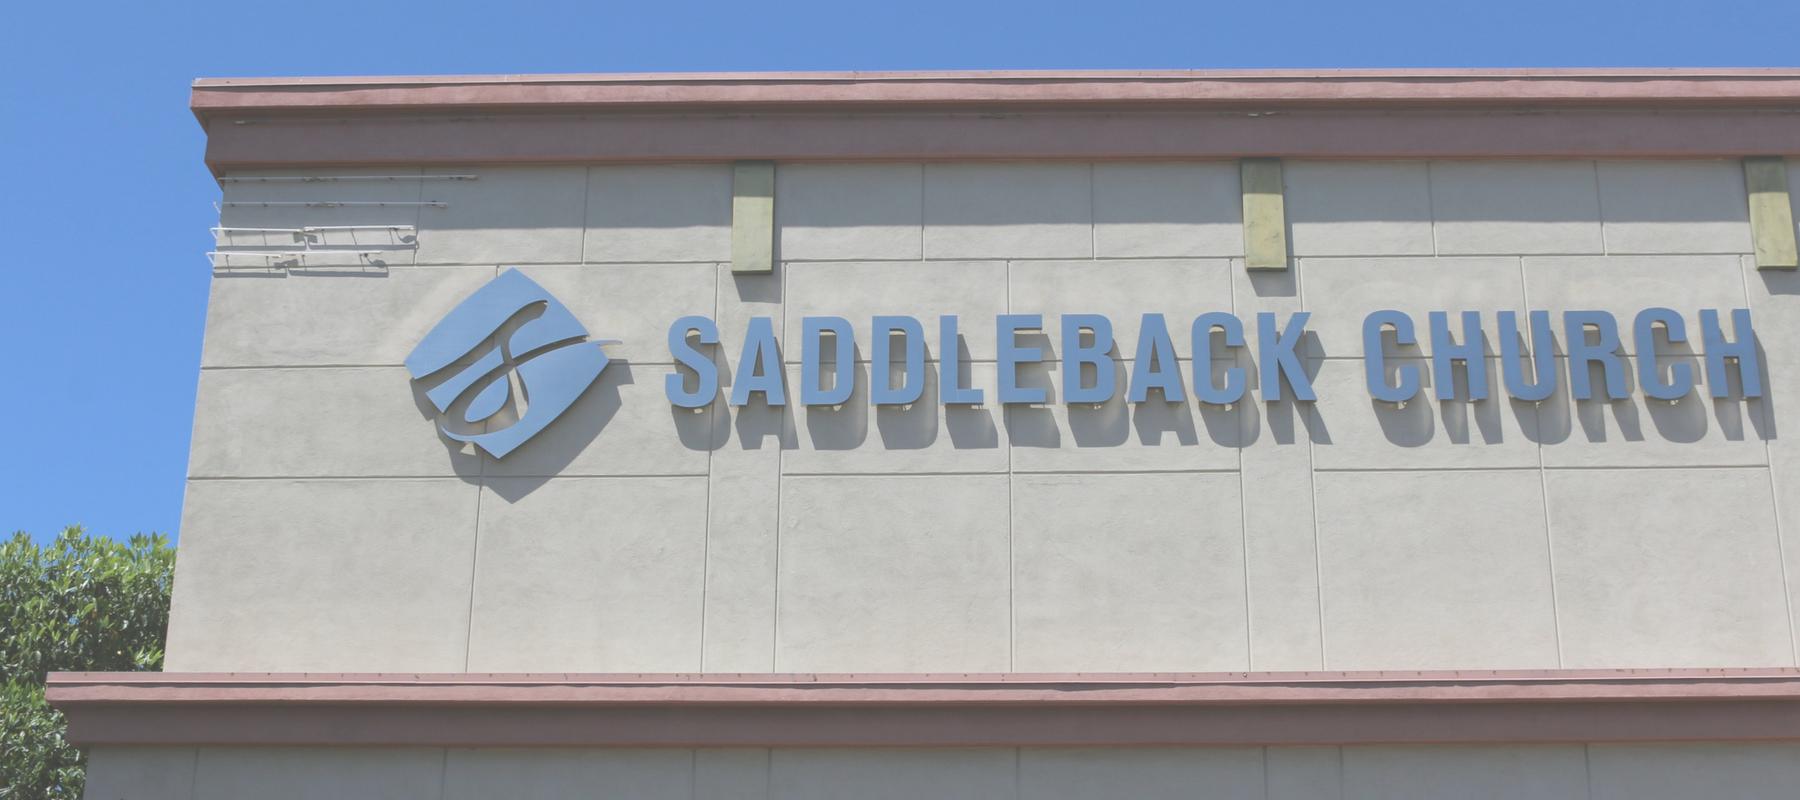 Saddleback header